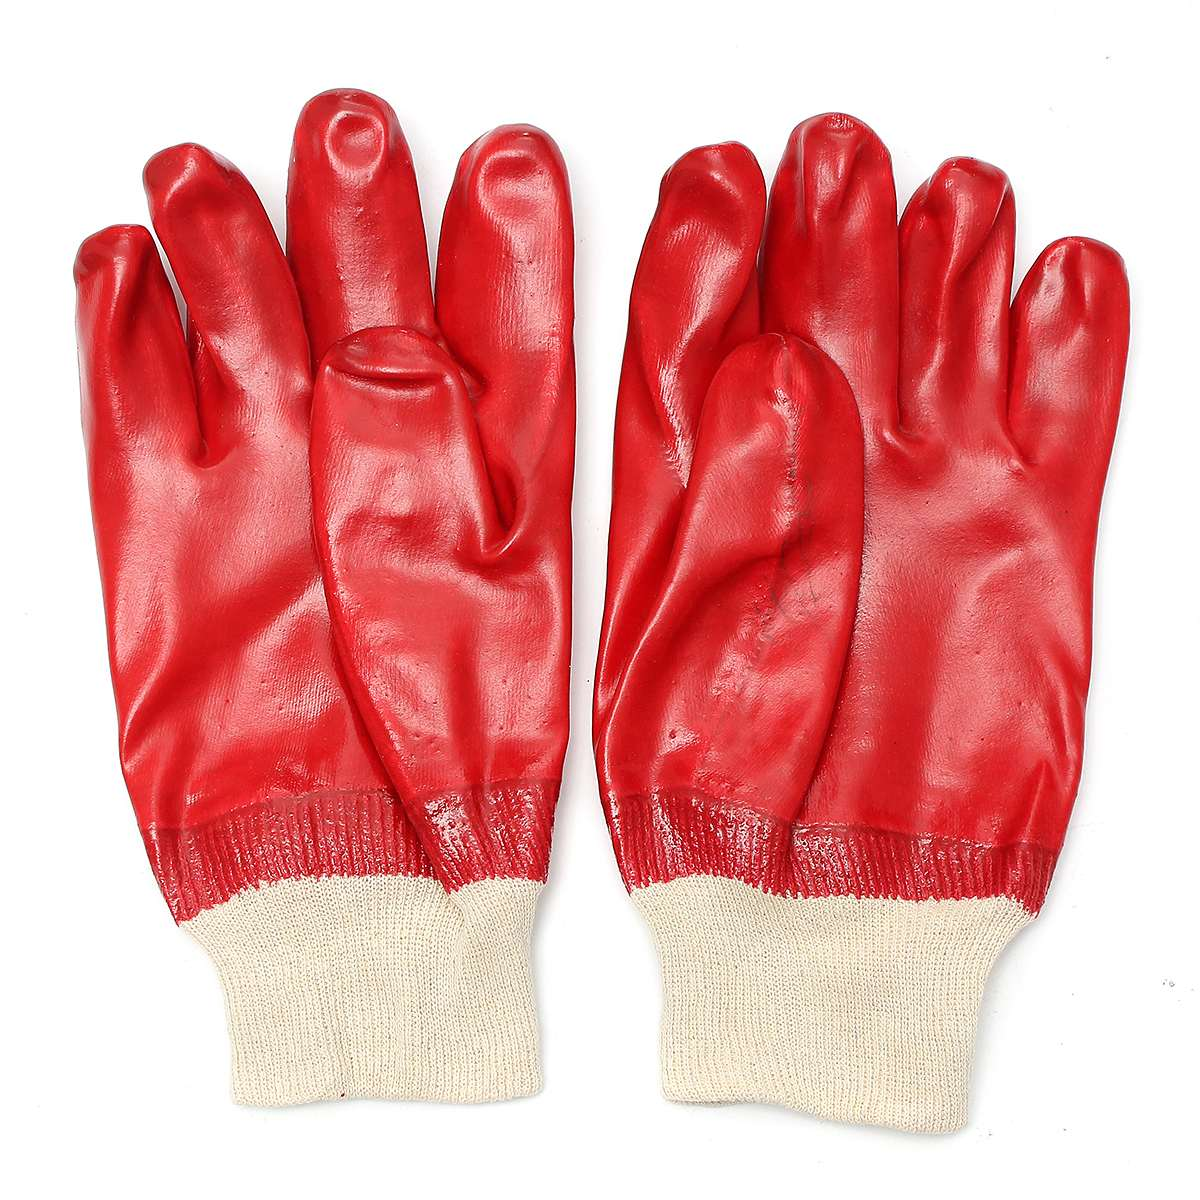 NOWE 12 Pairs Rękawice Dziane Wrist Czerwony Chemiczne PCV Bezpieczeństwa Anti skid Wodoodporna Pracy Bezpieczeństwo Ochrona Rąk